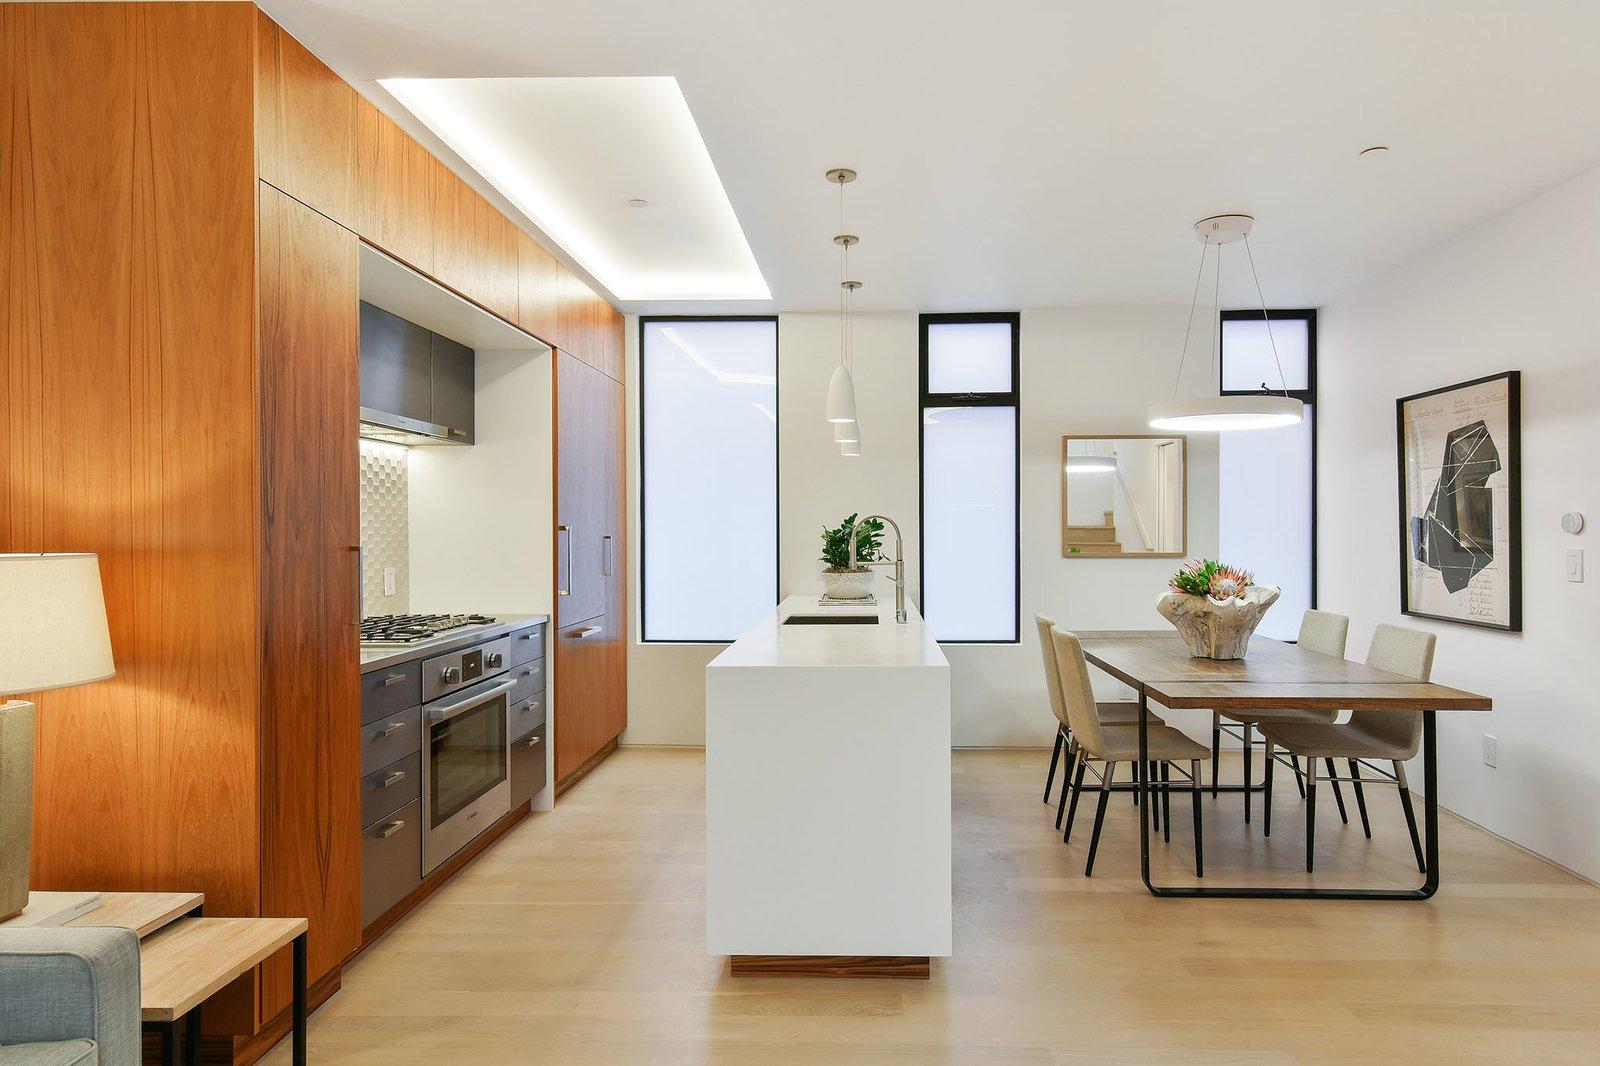 Kitchen, Ceramic Tile Backsplashe, Wood Cabinet, Dishwasher, Microwave, Recessed Lighting, Light Hardwood Floor, Undermount Sink, and Refrigerator  For Sale: 188 Quane Street